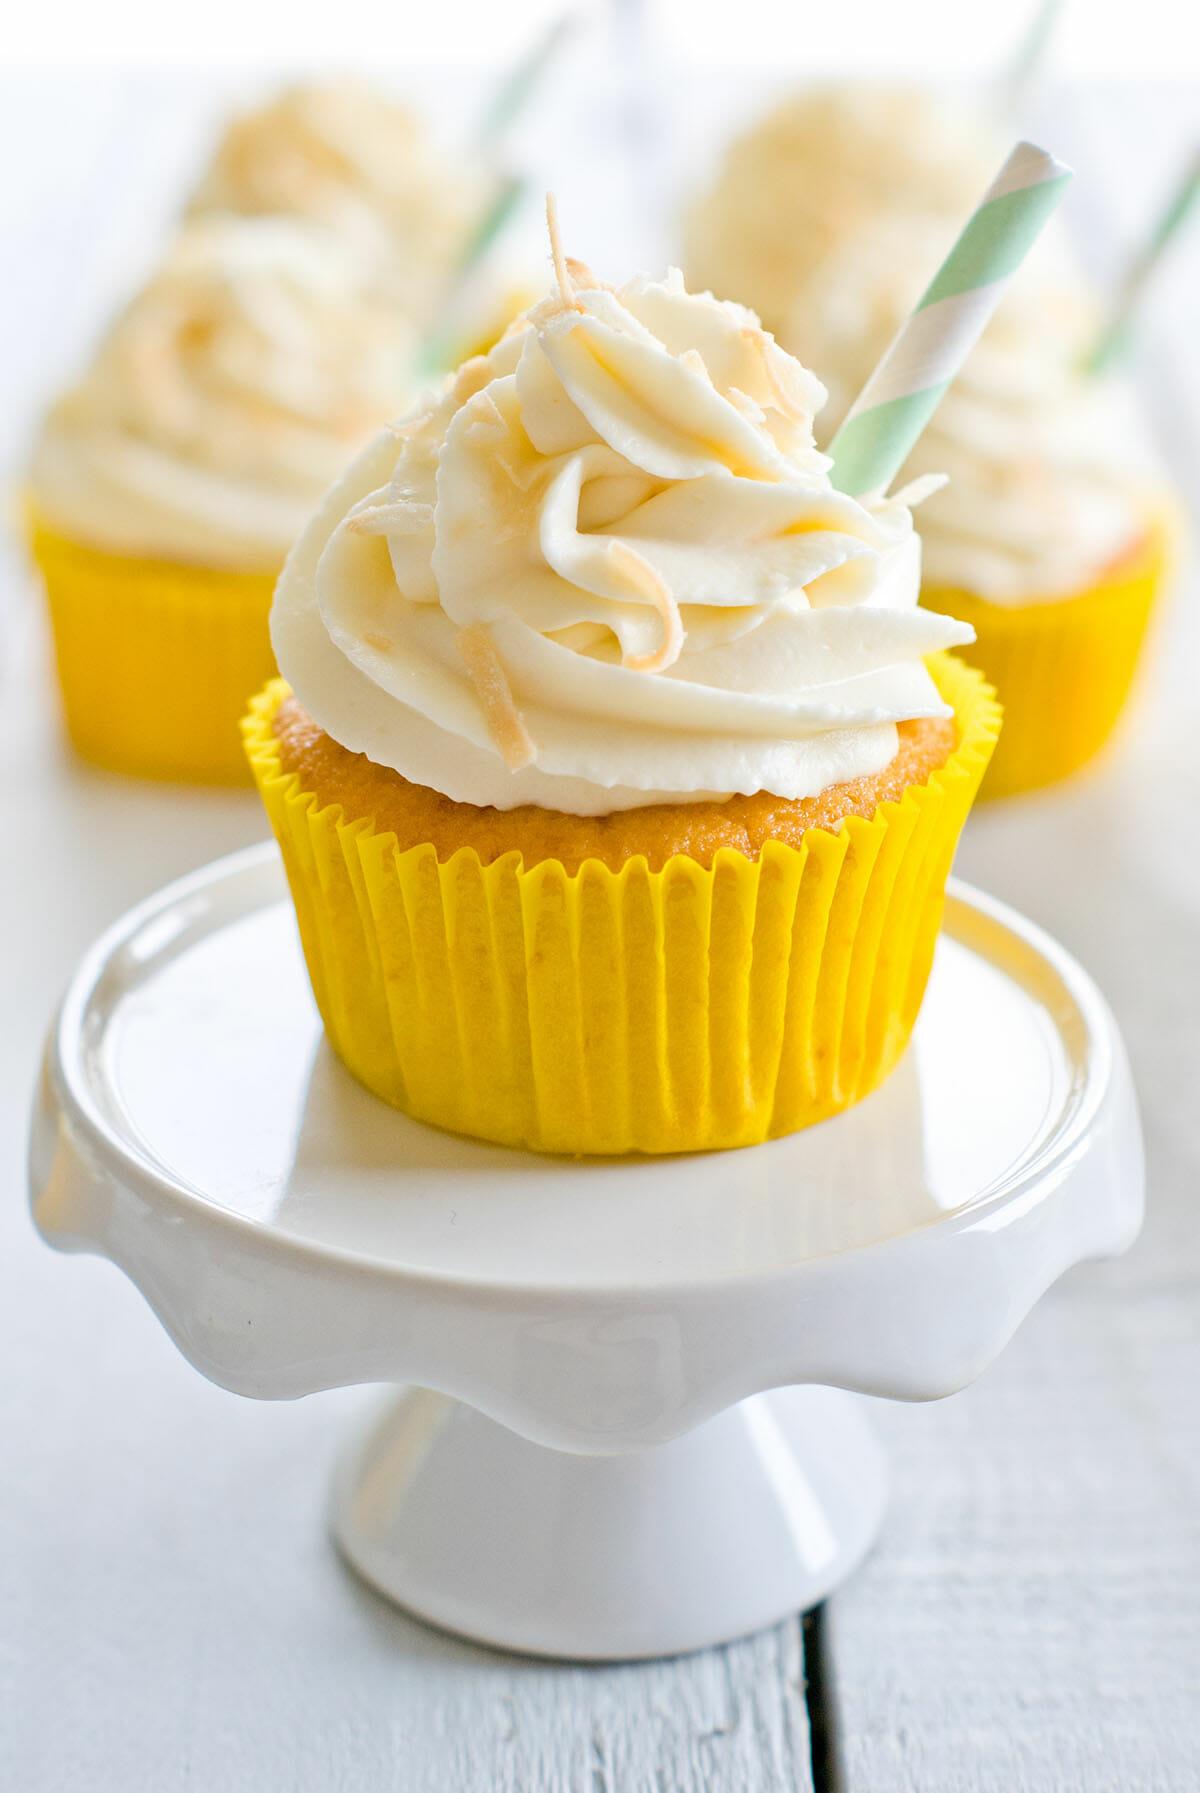 Cupcakes Façon Piña Colada | Lilie Bakery 2